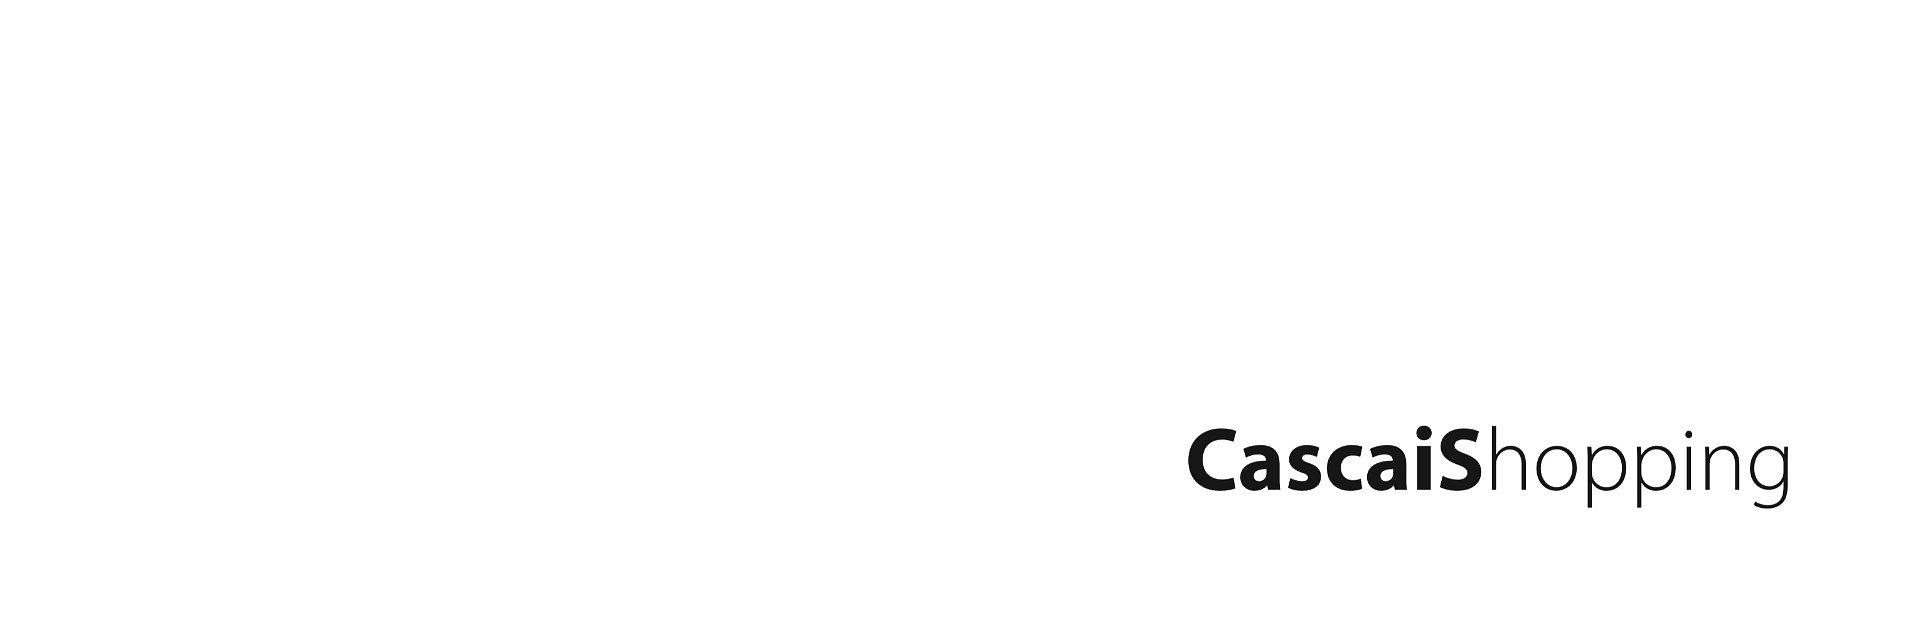 Medidas sustentáveis no CascaiShopping